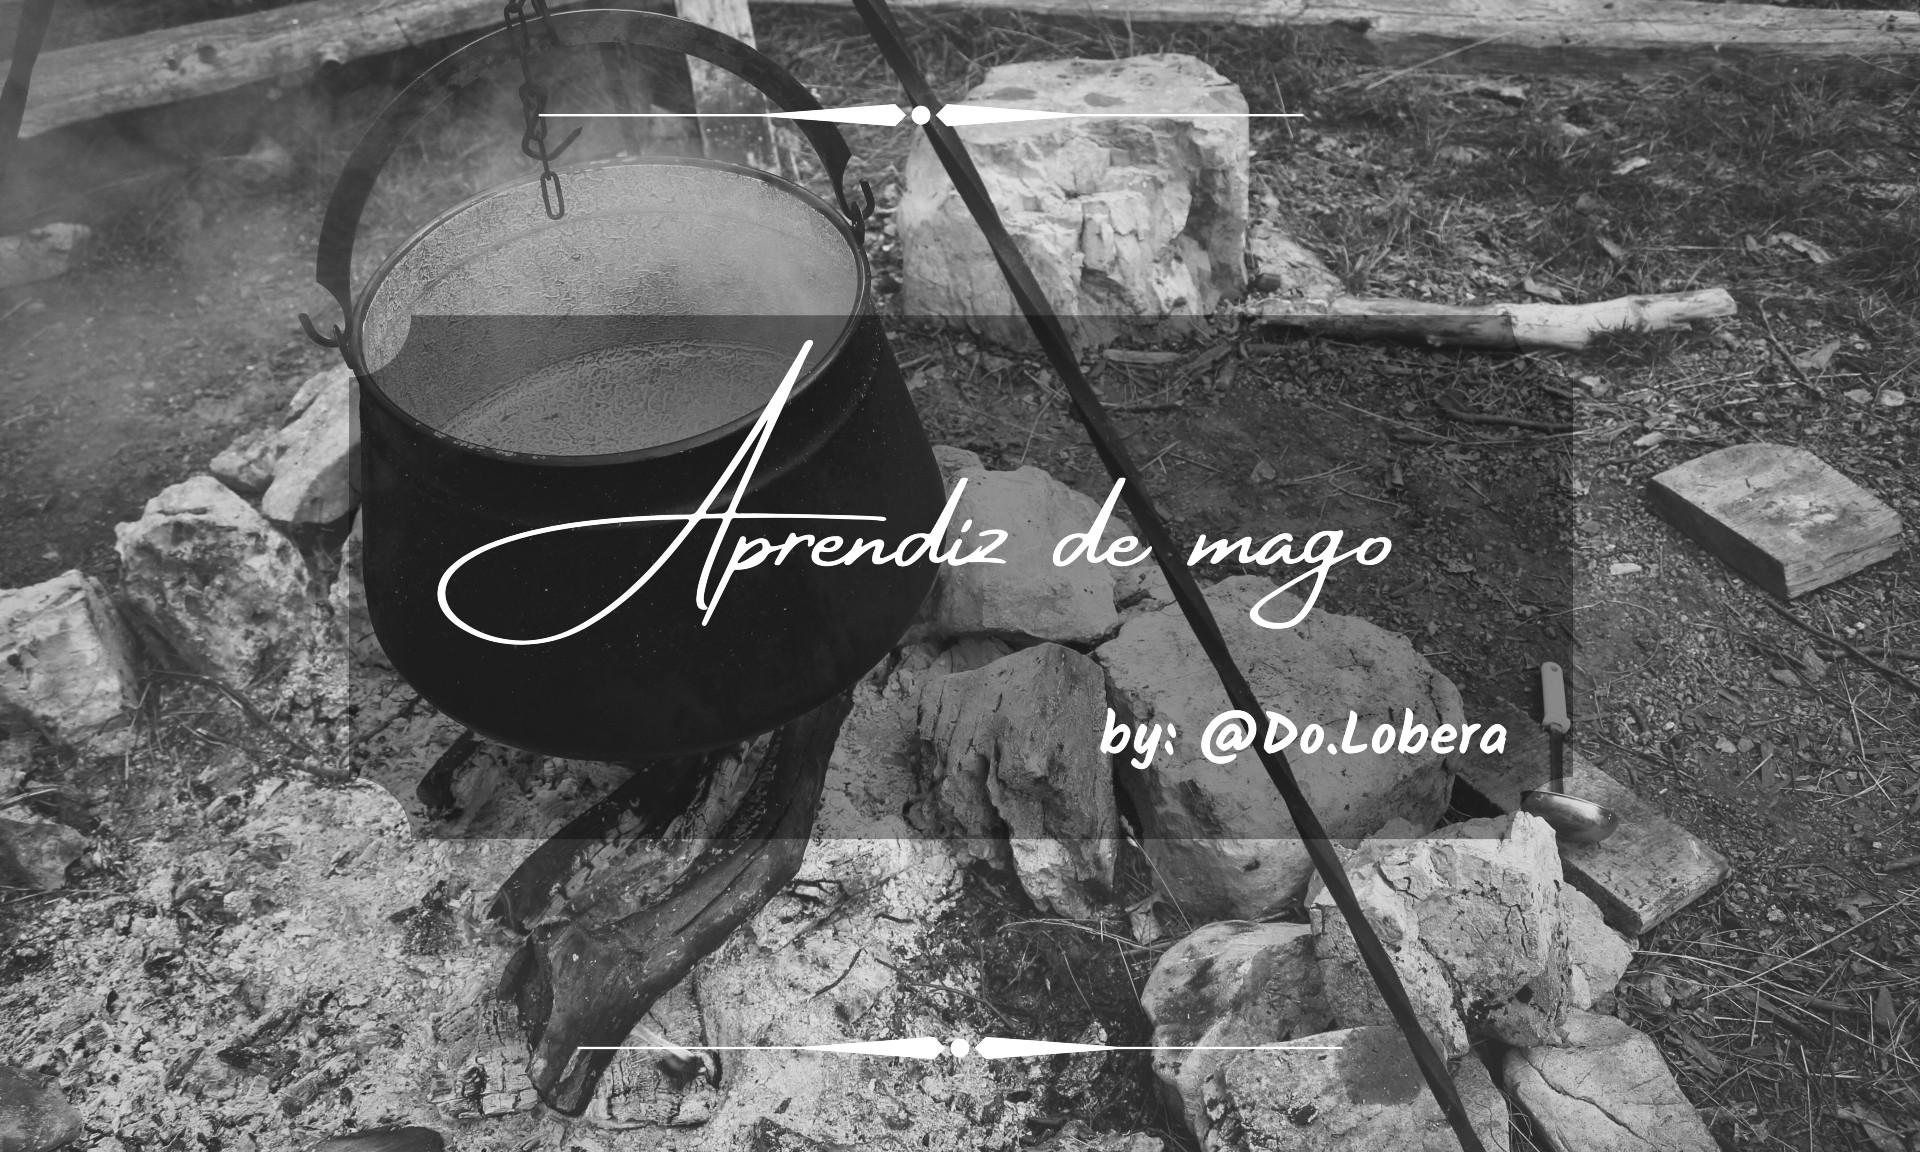 Aprendiz de mago - by Do.lobera